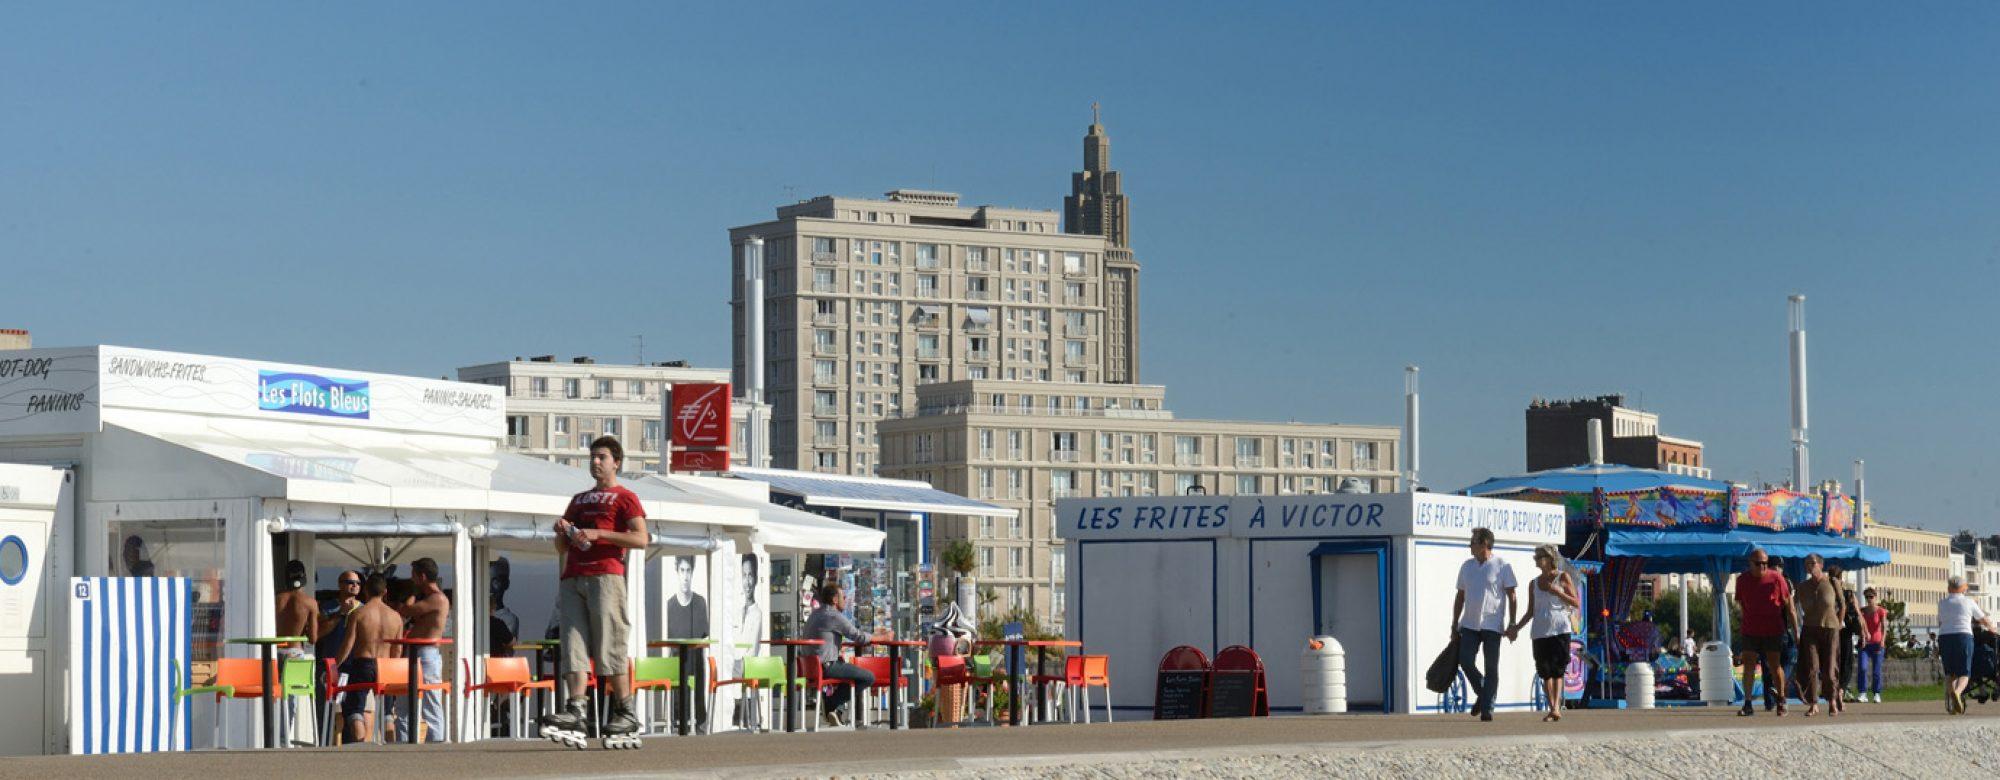 Restaurants de mer sur la plage du Havre